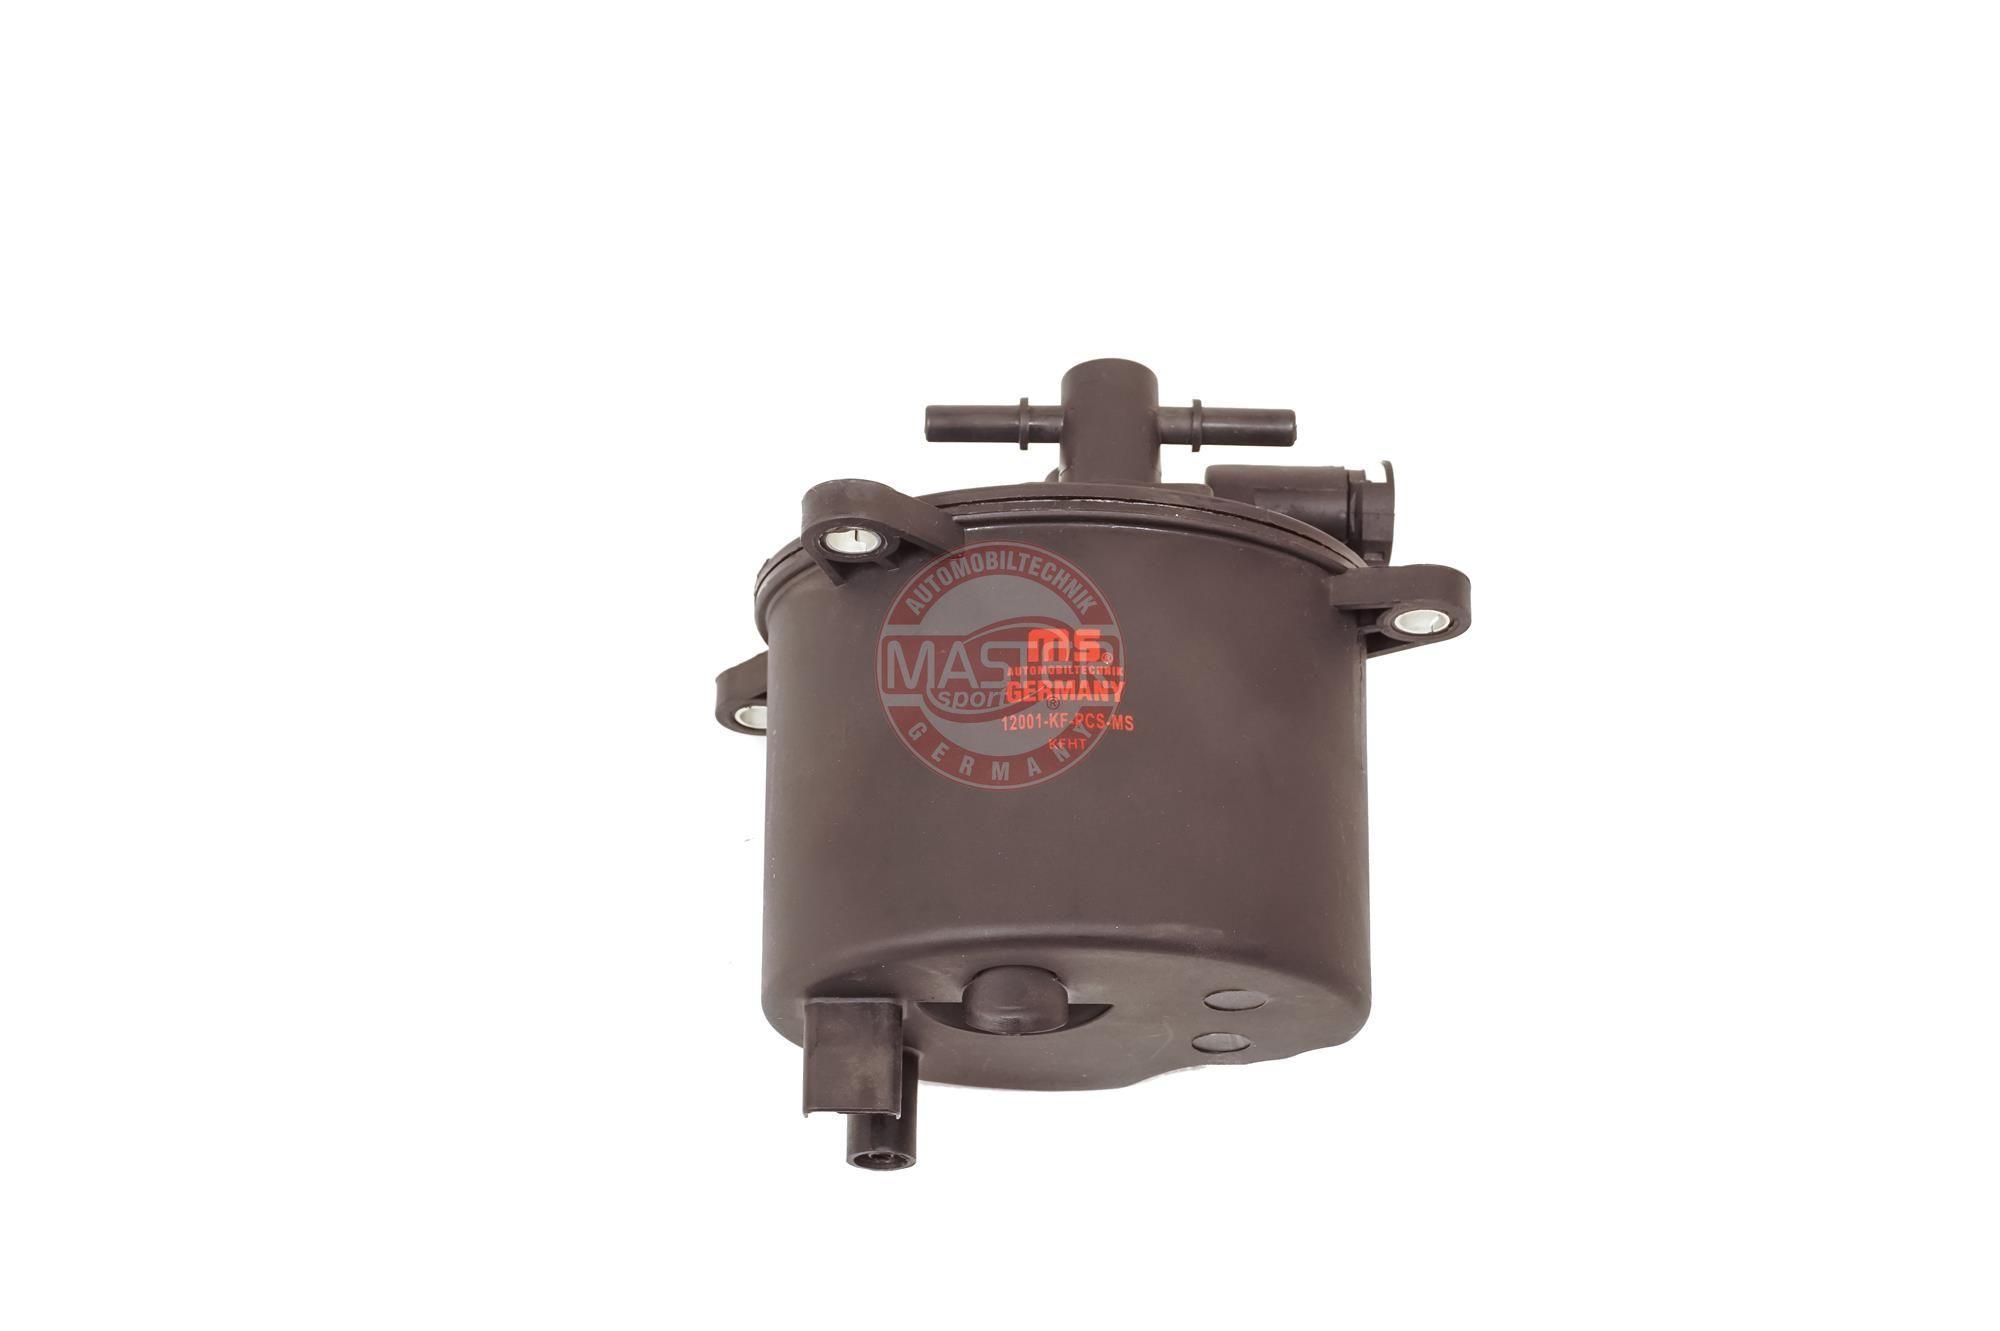 MASTER-SPORT Filtre à carburant 12001-KF-PCS-MS